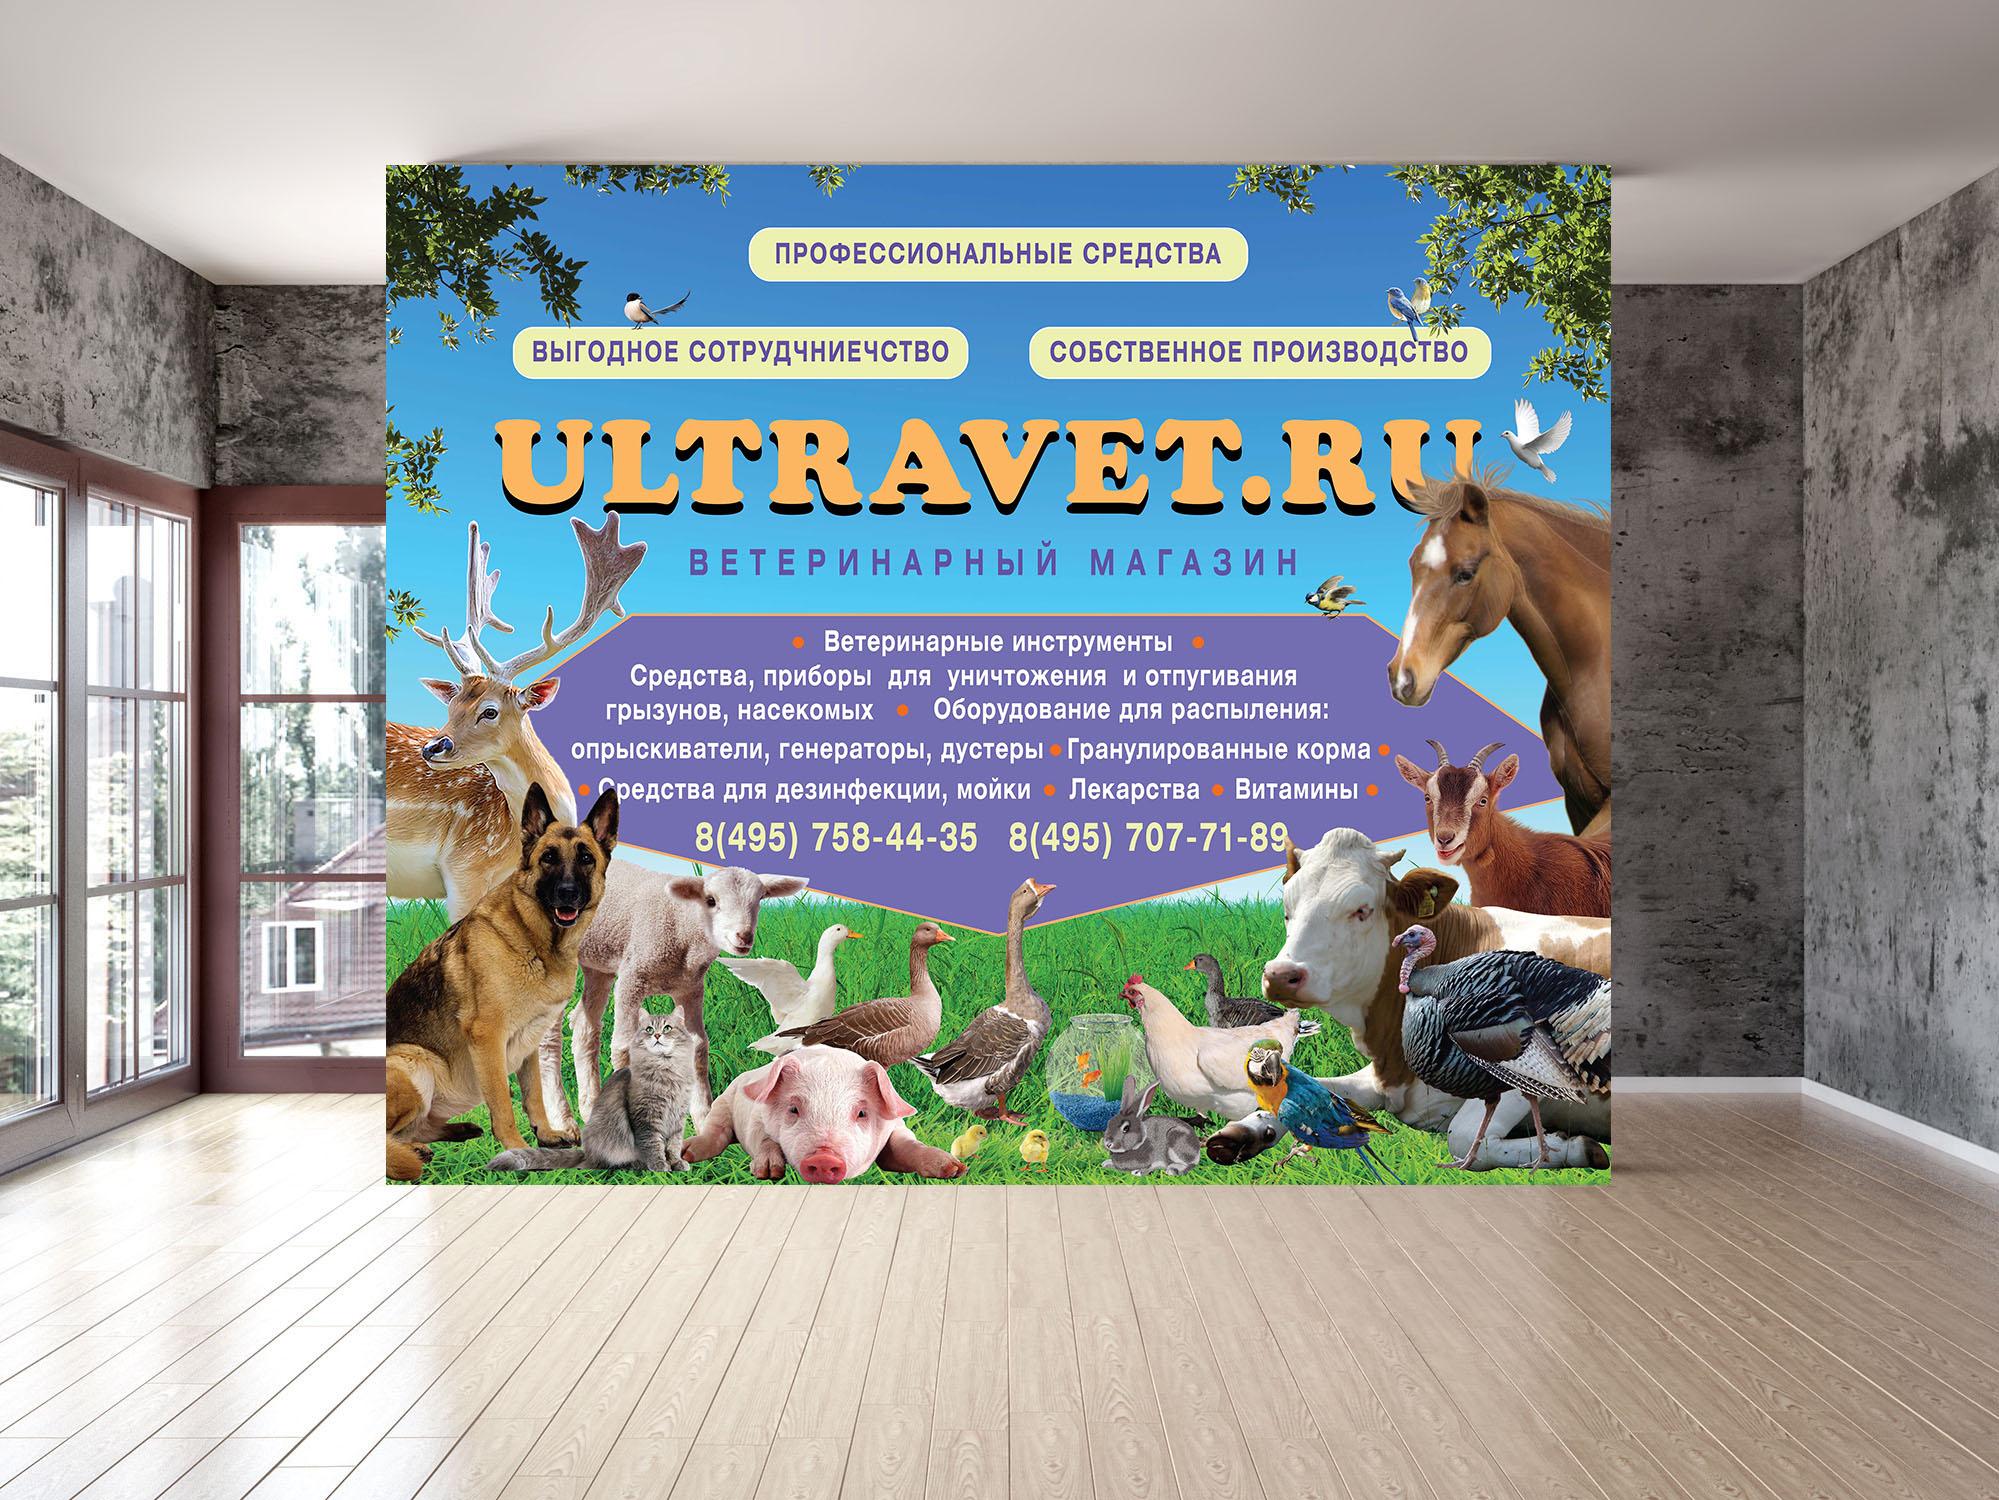 Нужен дизайн постера,  ширина 3 метра, высота 2,5 метра. фото f_2285c20ffa8487fa.jpg